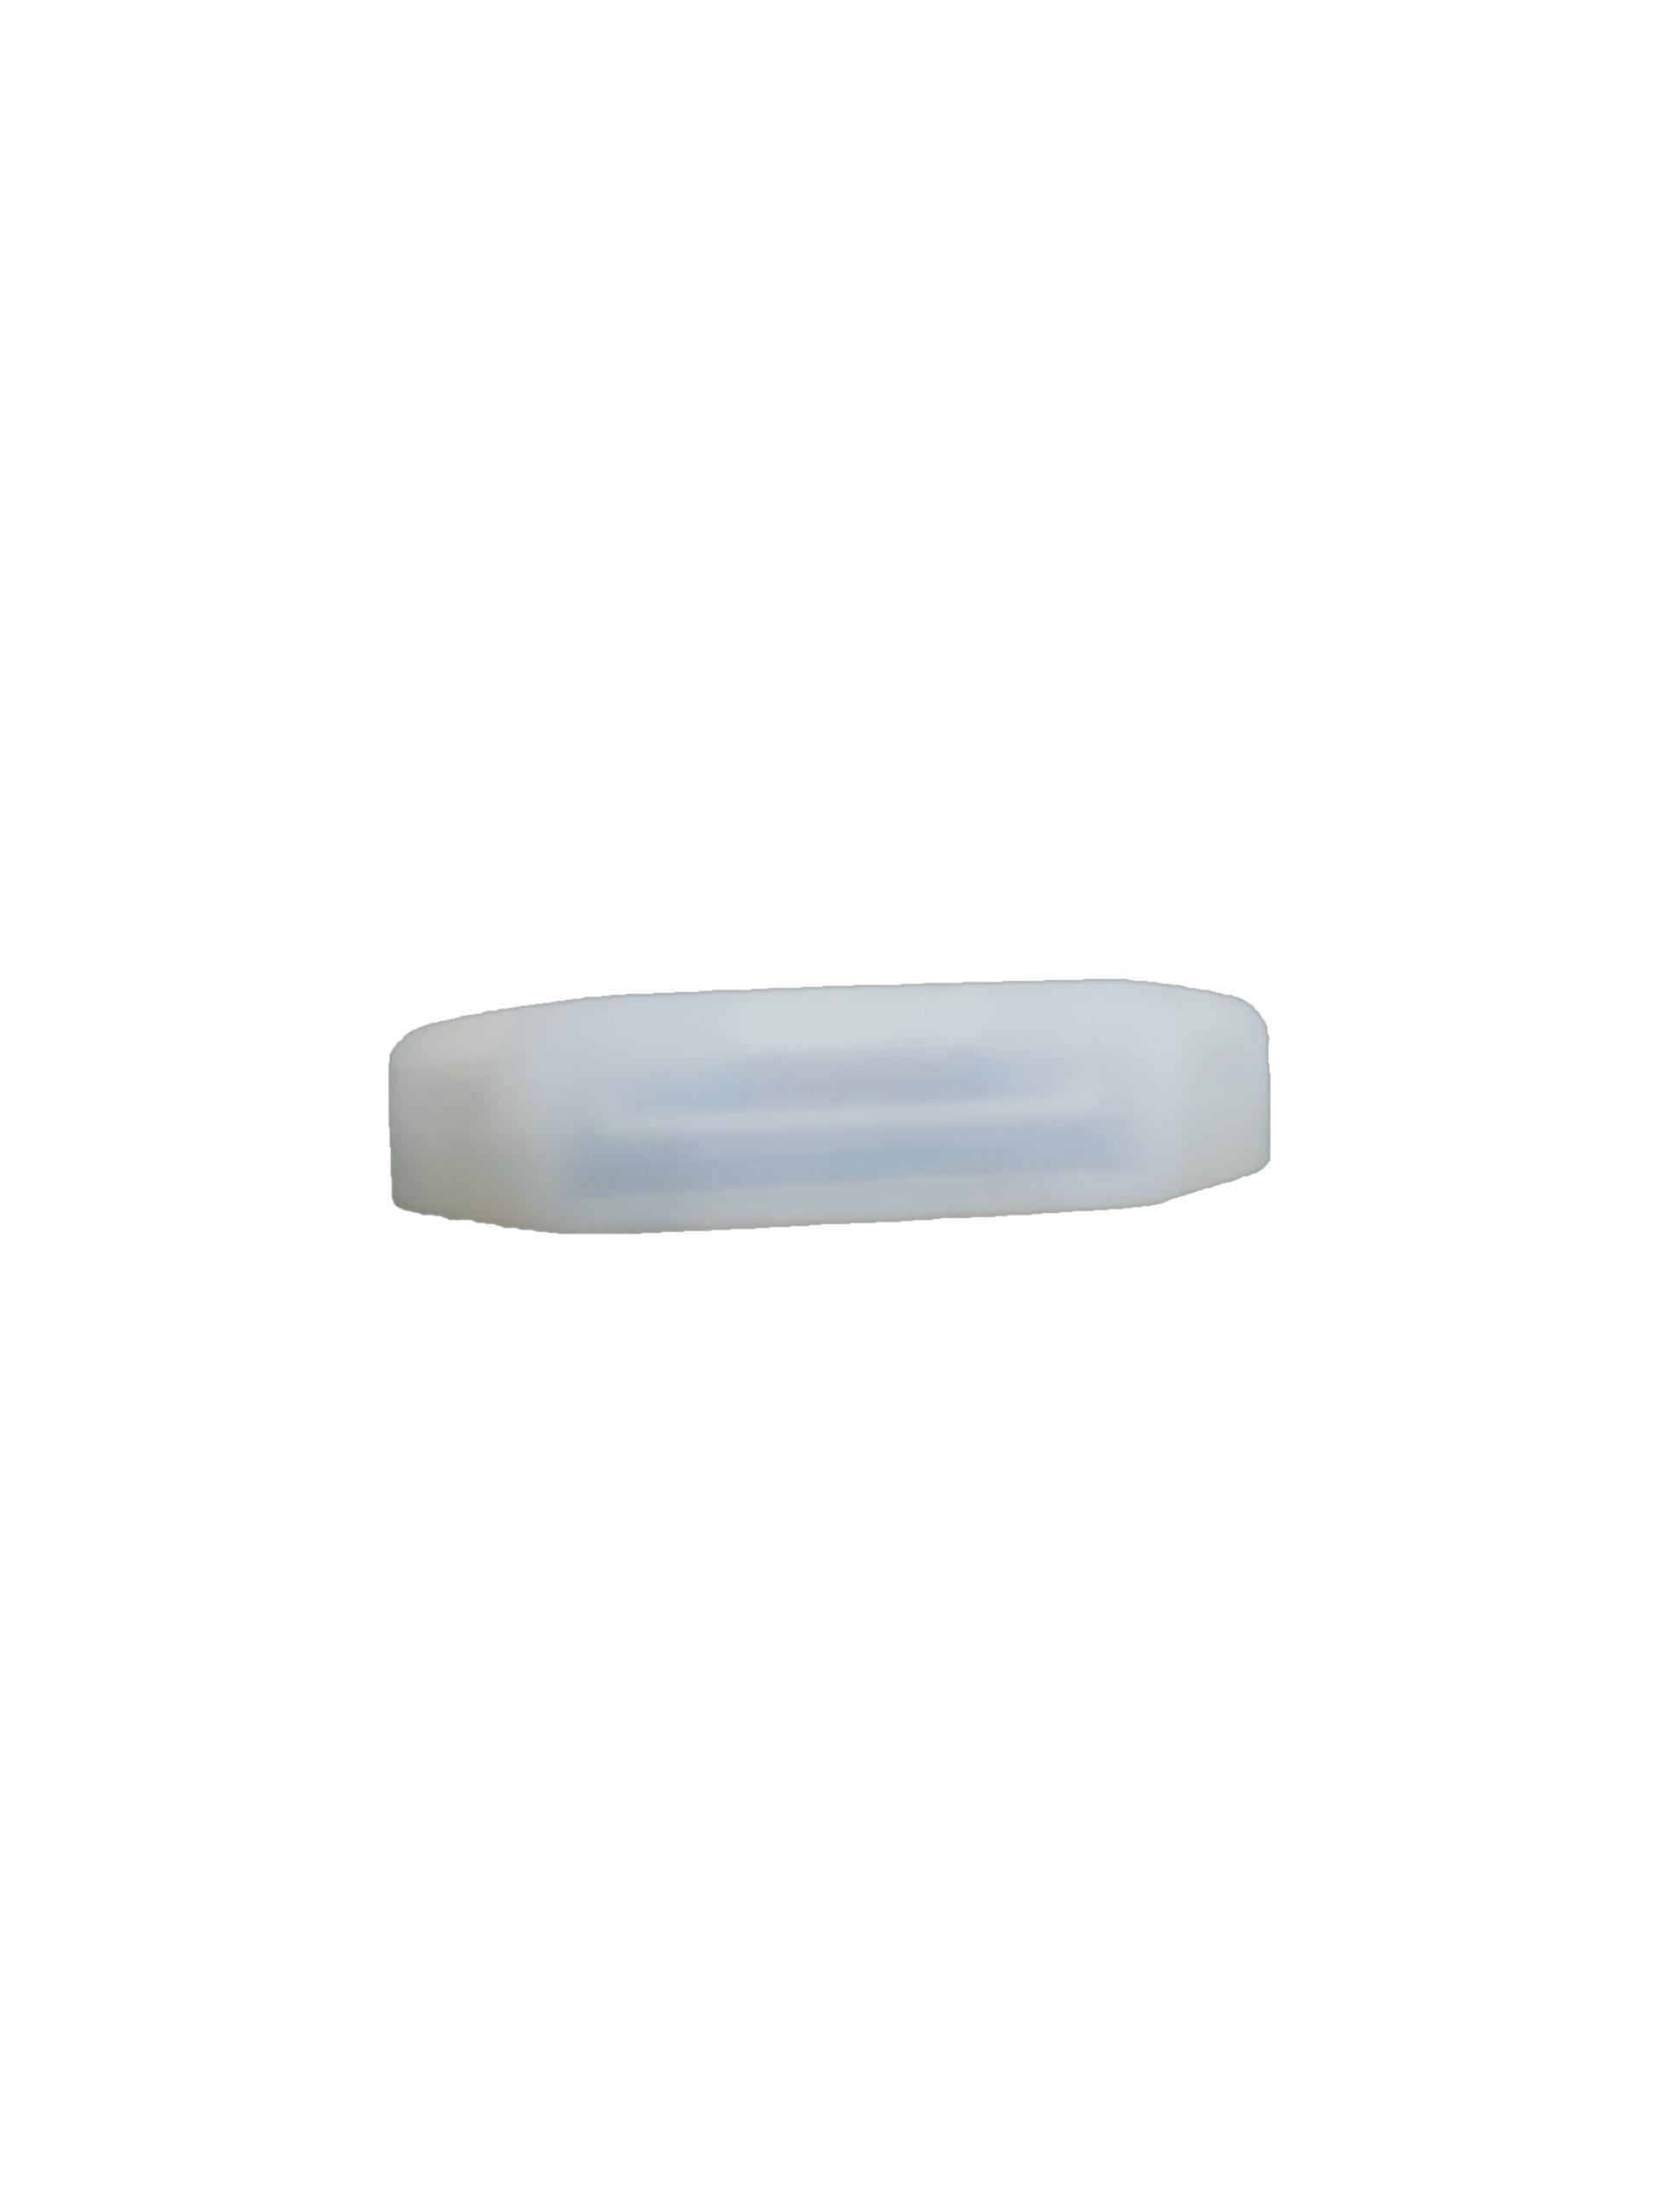 Équipement de réponse d'agilité de vitesse de lampe d'entraînement de réaction de queling】 réaction fitlight blazepod siboasi - 4